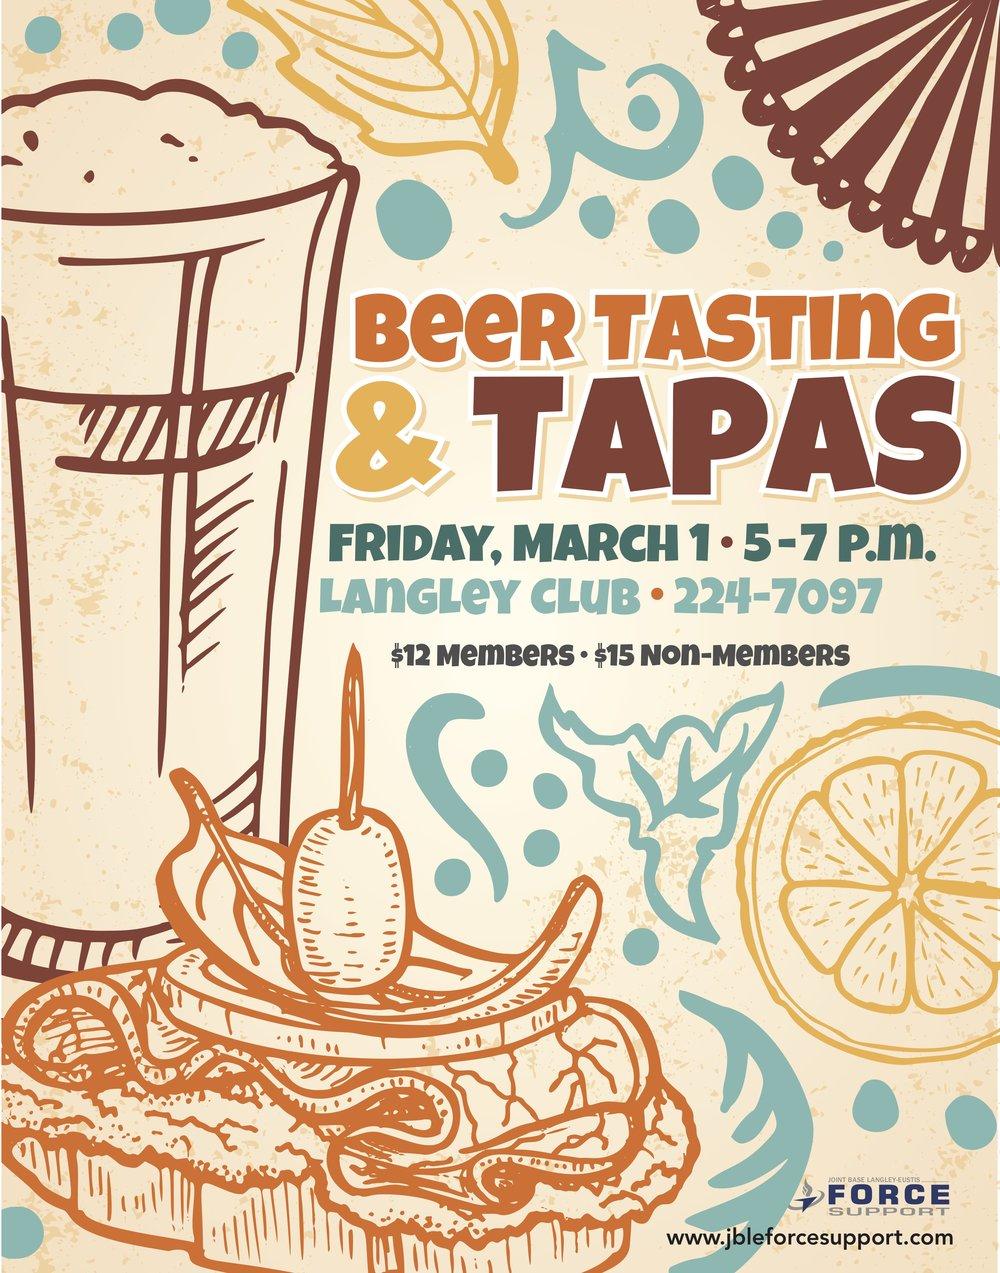 Beer Tasting & Tapas.jpg